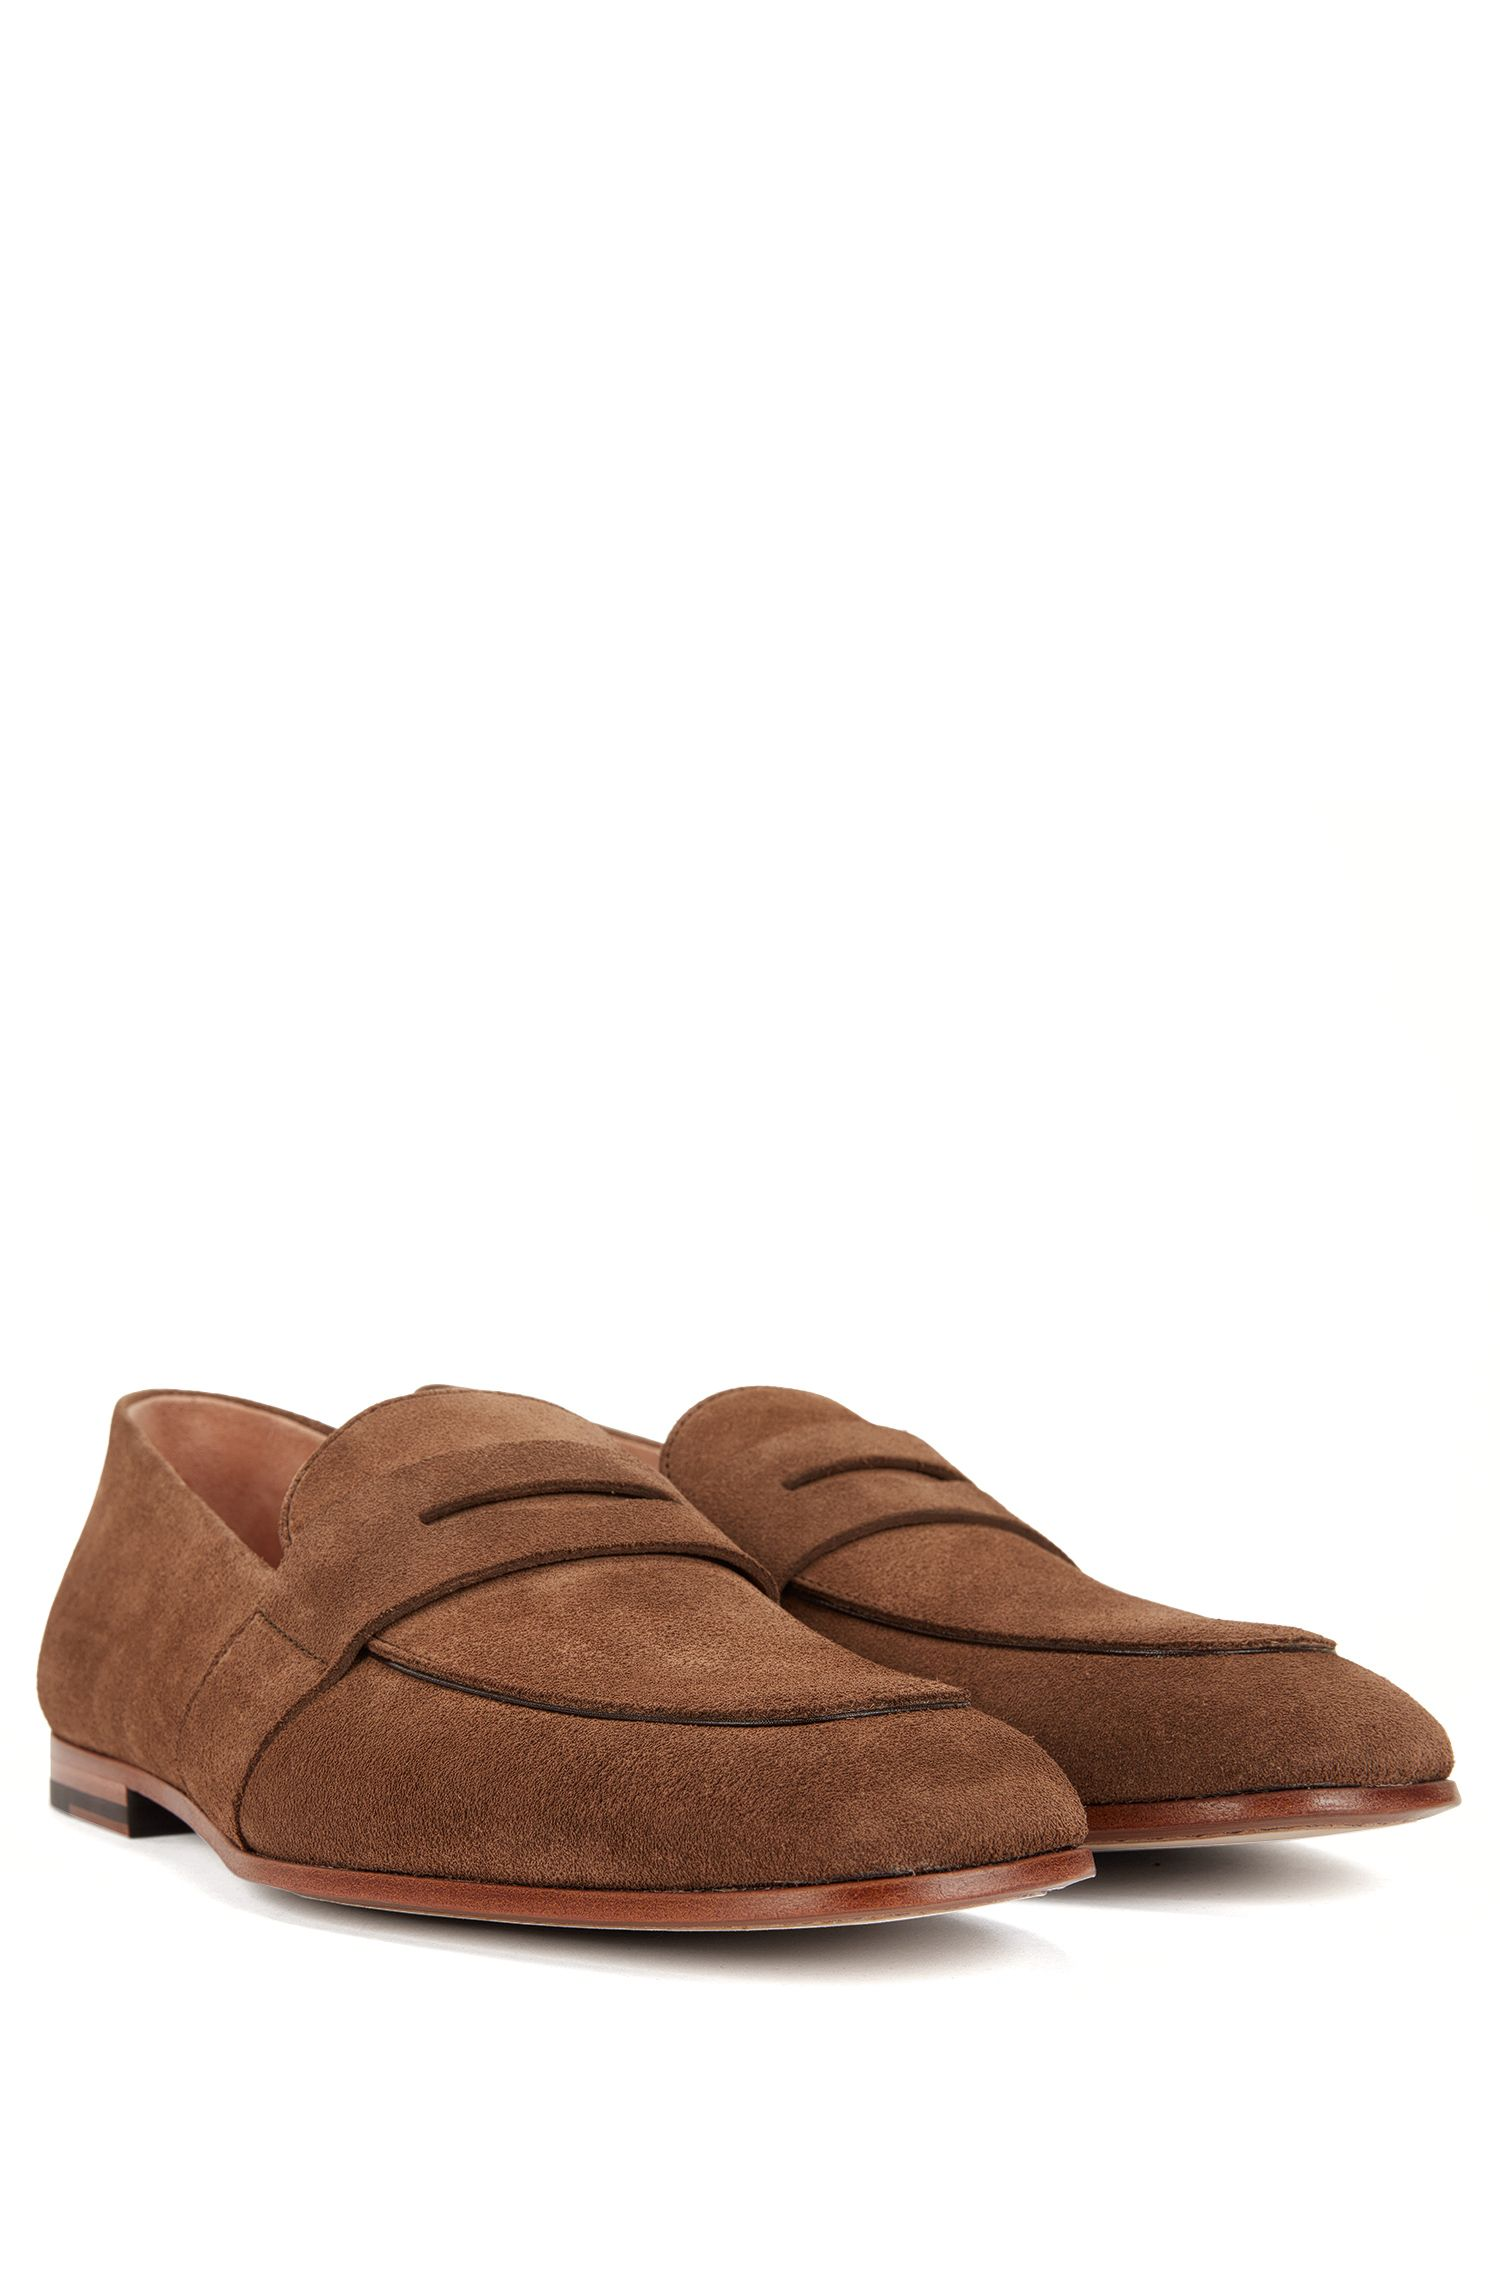 Suede Penny Loafer | Safari Loaf , Khaki